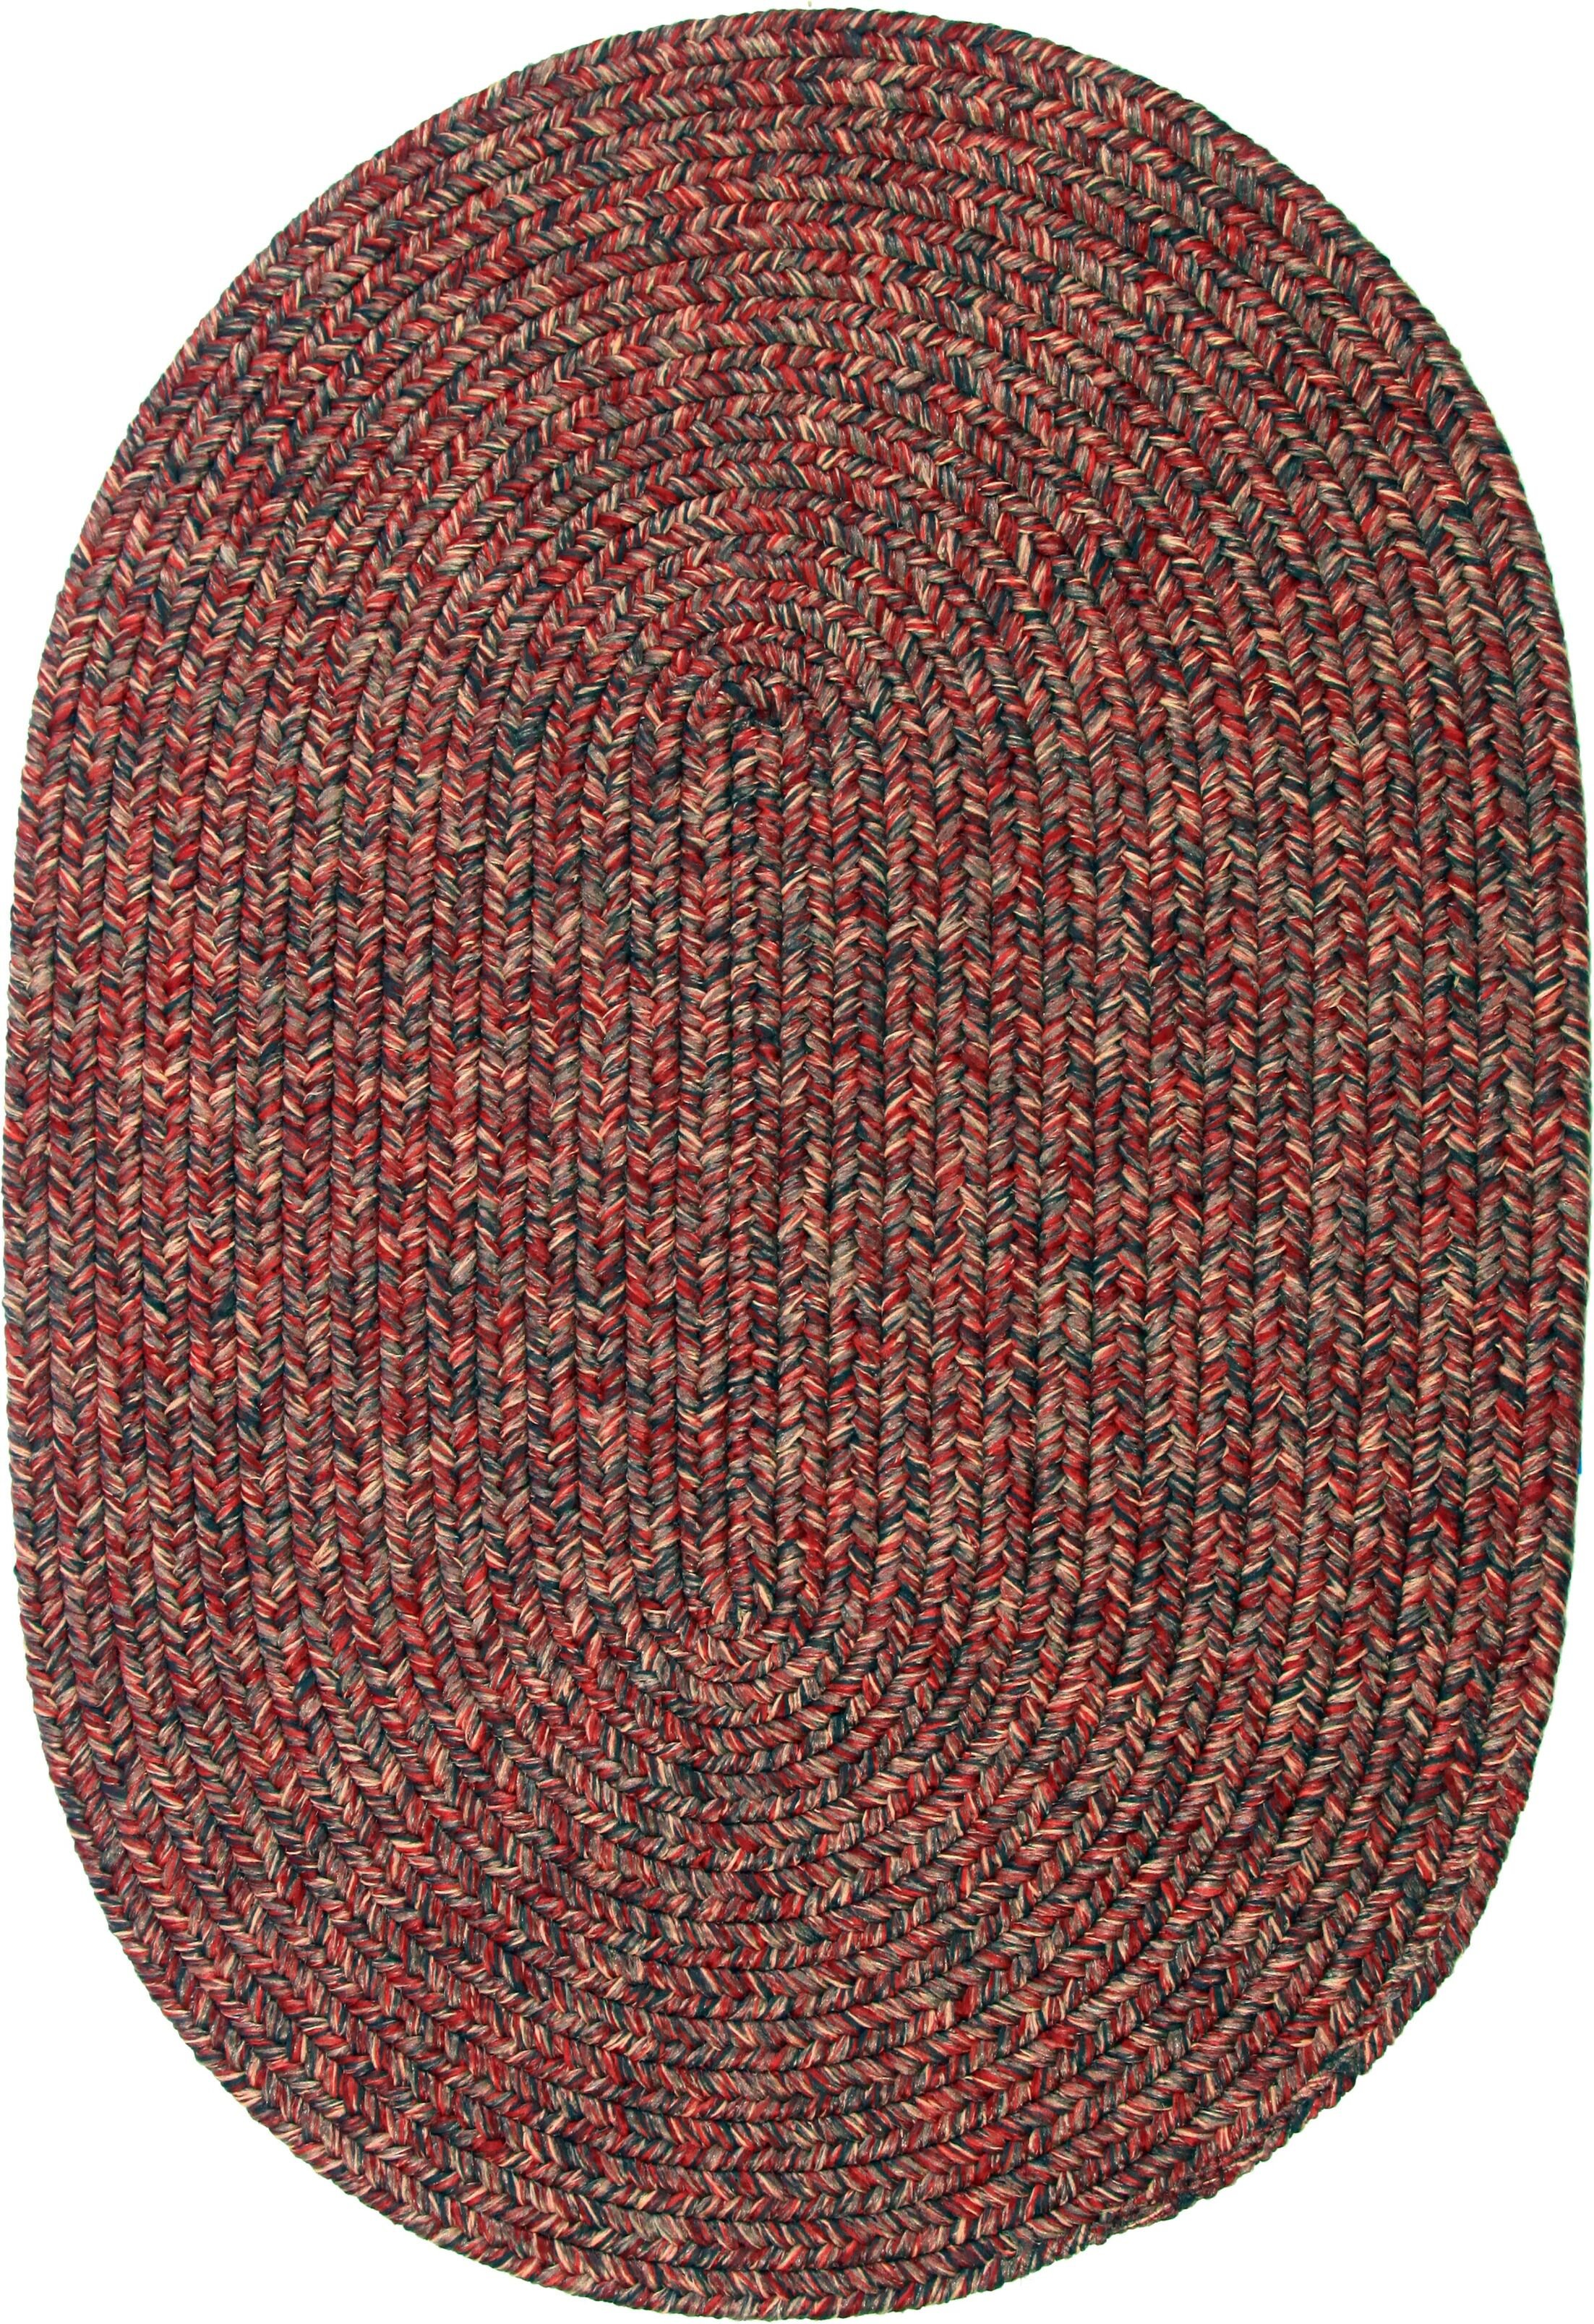 Revelganj Red Indoor/Outdoor Area Rug Rug Size: Oval 10' x 13'